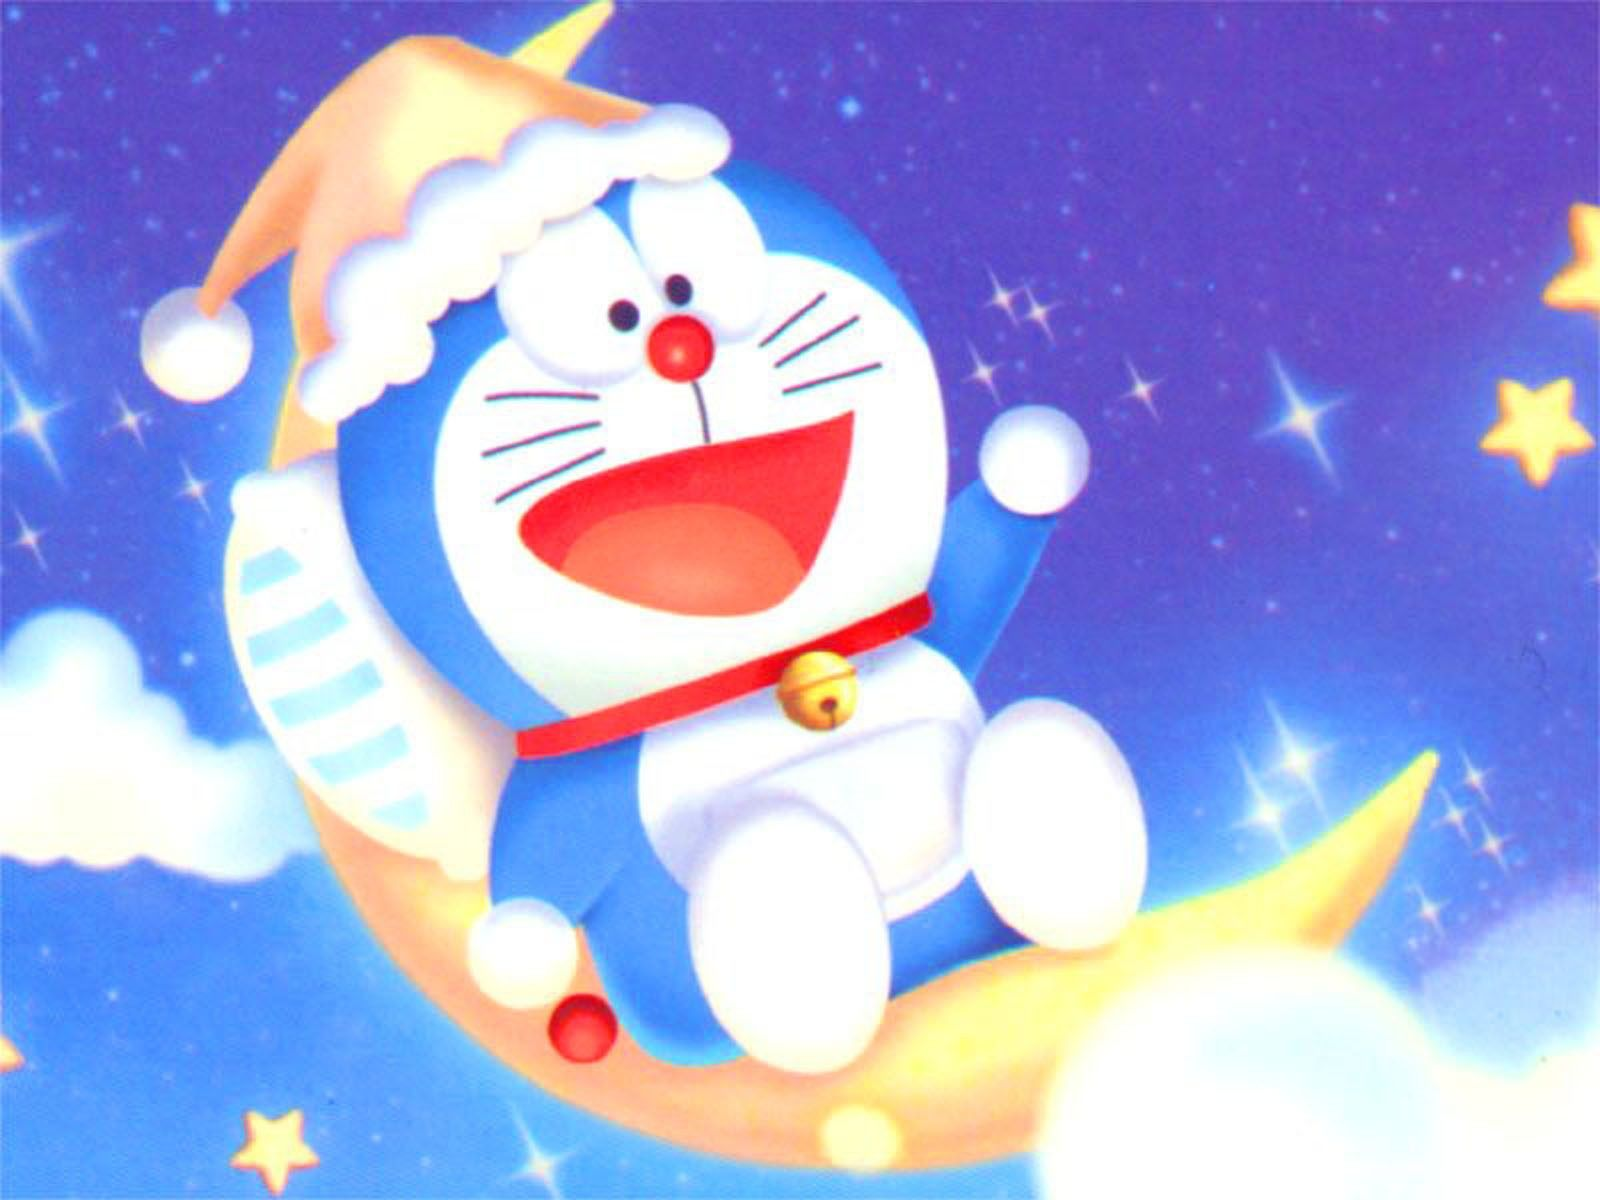 1600x1200 Tải xuống, miễn phí, Doraemon, độ phân giải cao, Máy tính để bàn, Hình nền, Hình ảnh HD